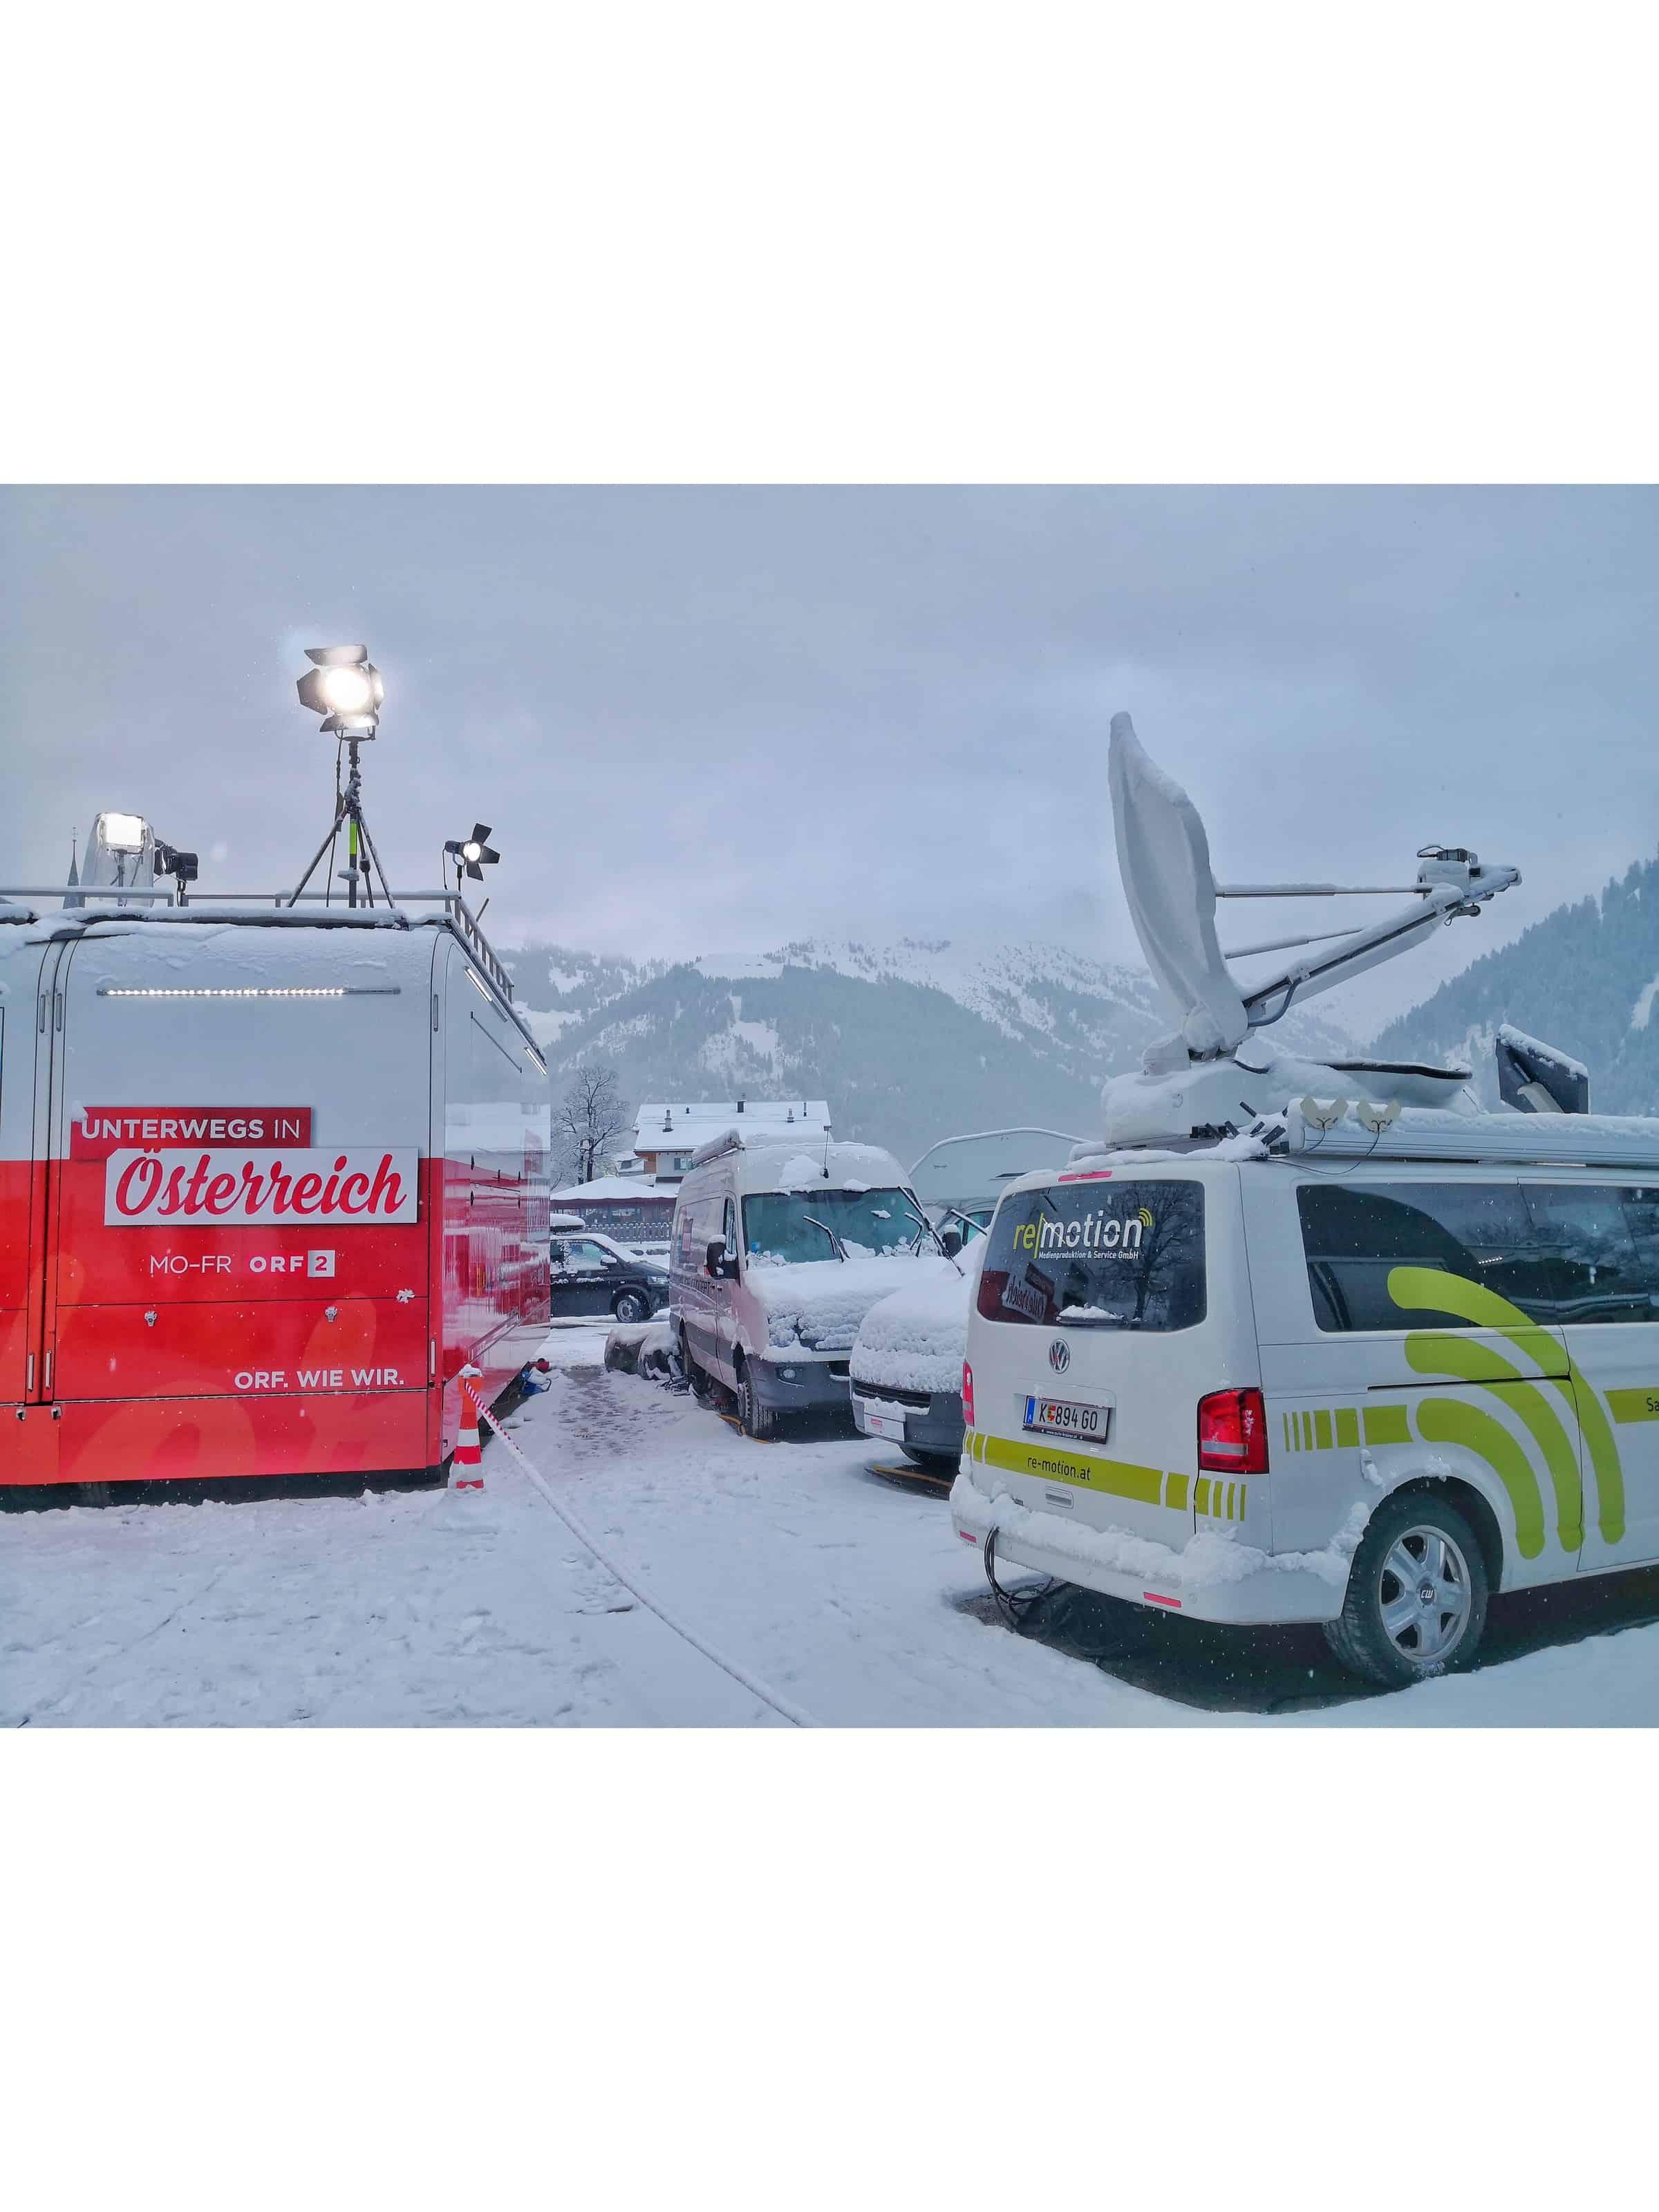 andreas felder kameramann ORF Guten Morgen Österreich ORF Daheim in Österreich 25 27.03.2018 08 22 52 - ORF Unterwegs in Österreich